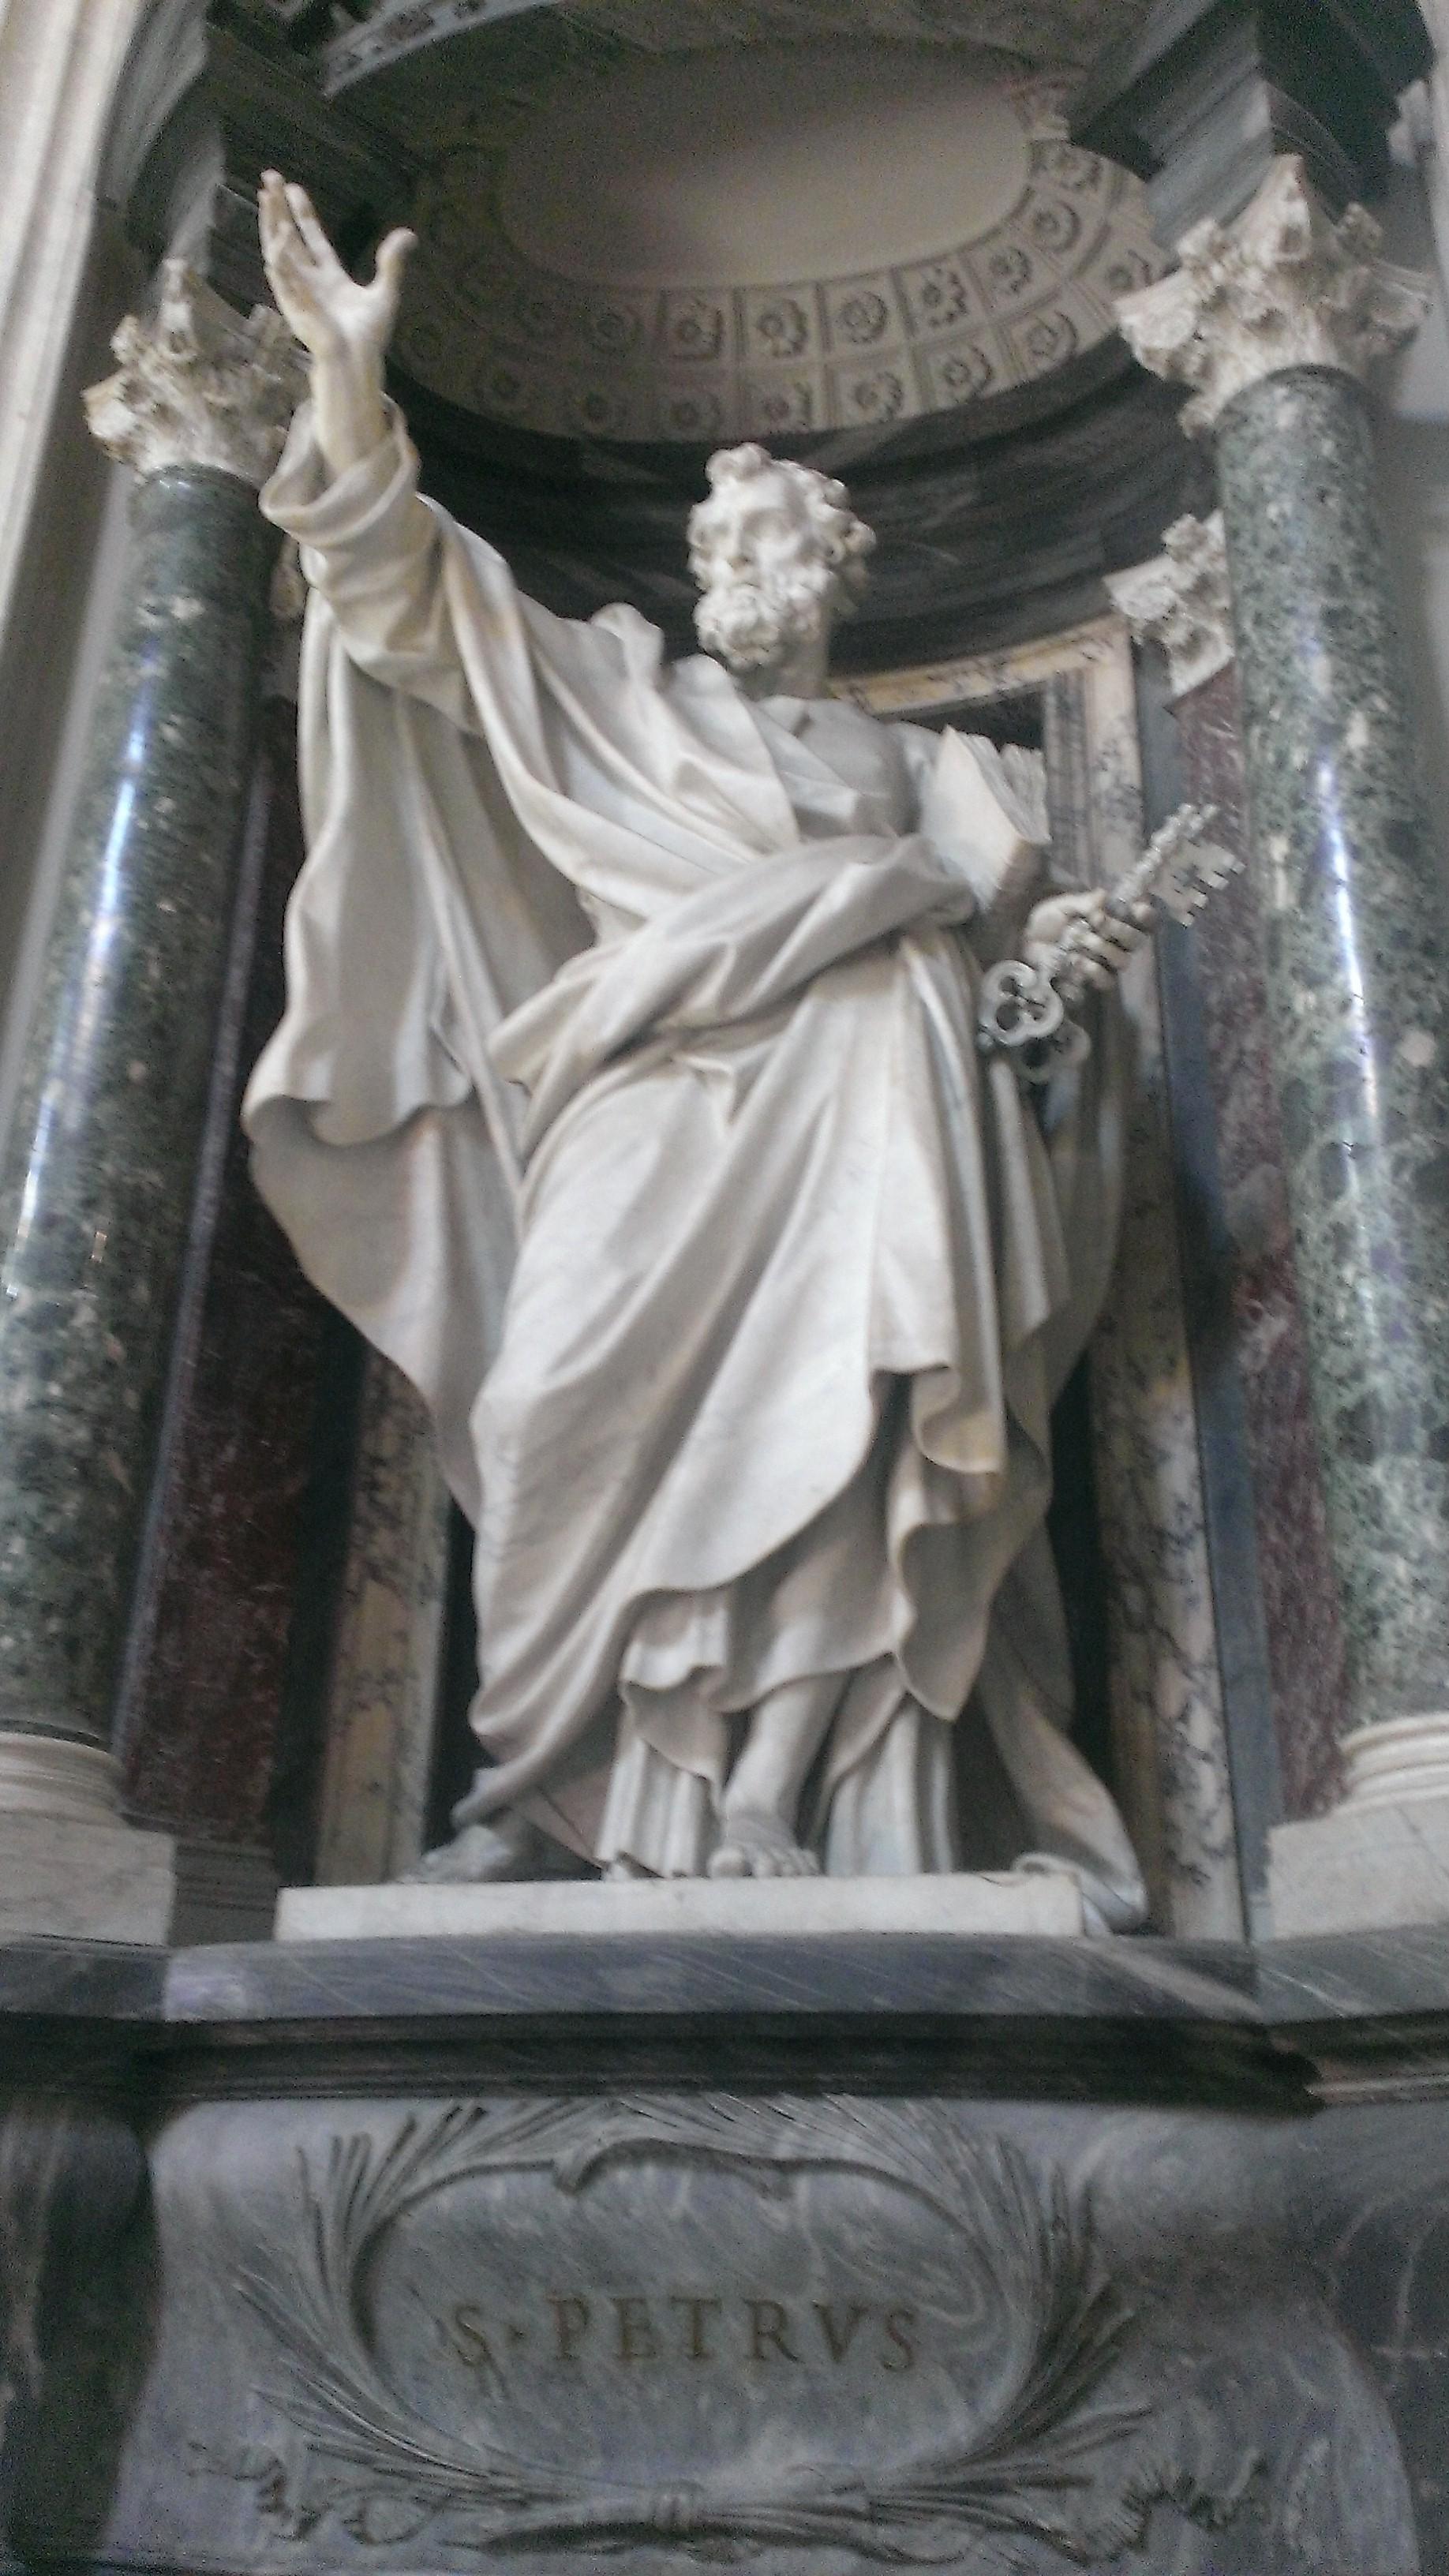 Petrus streckt seine rechte Hand aus und hält unterm linken Arm die Heilige Schrift und in der linken Hand einen Schlüssel.